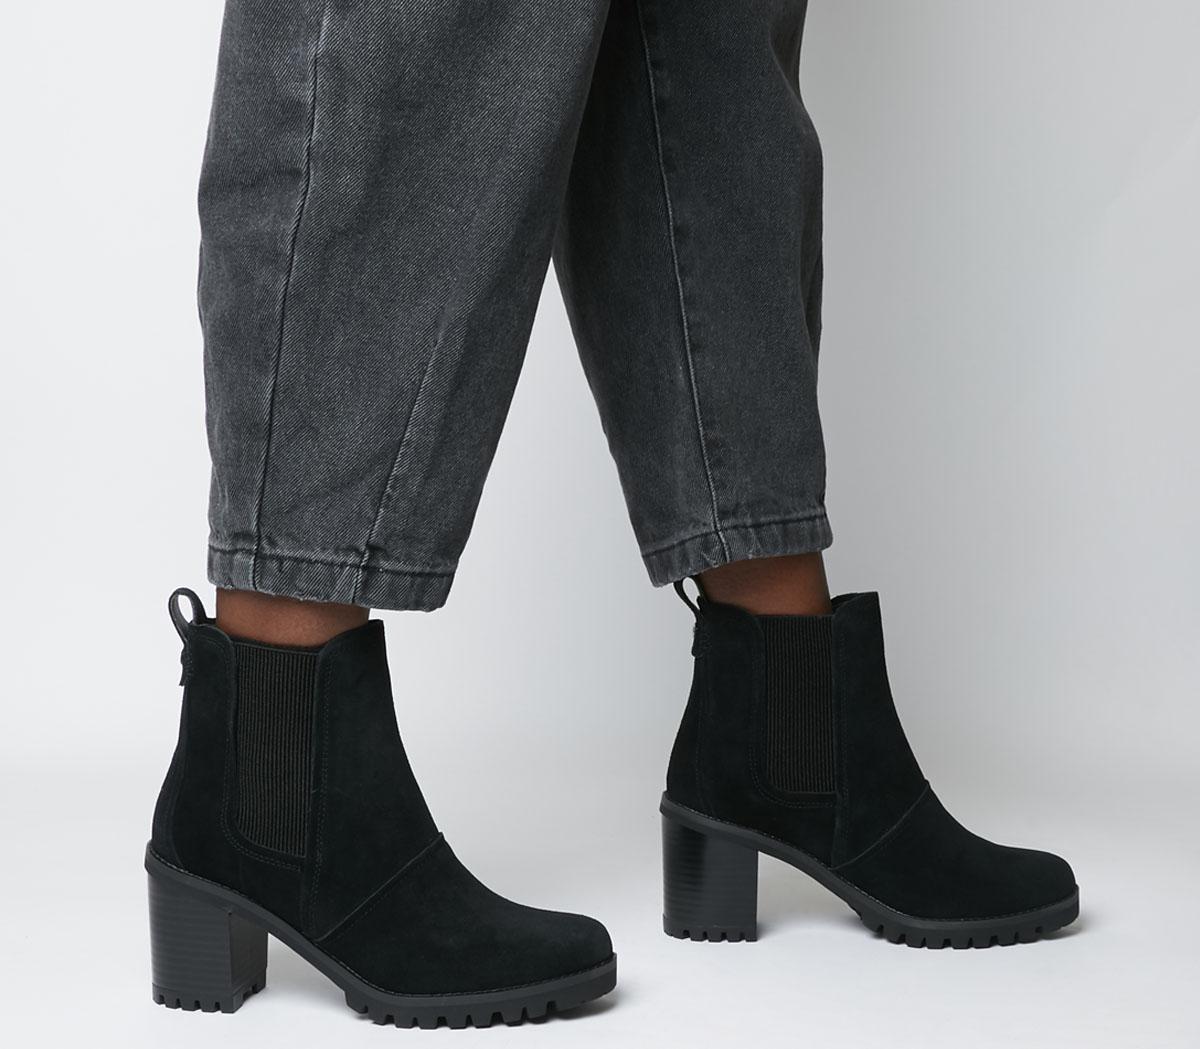 Hazel Heel Chelsea Boots